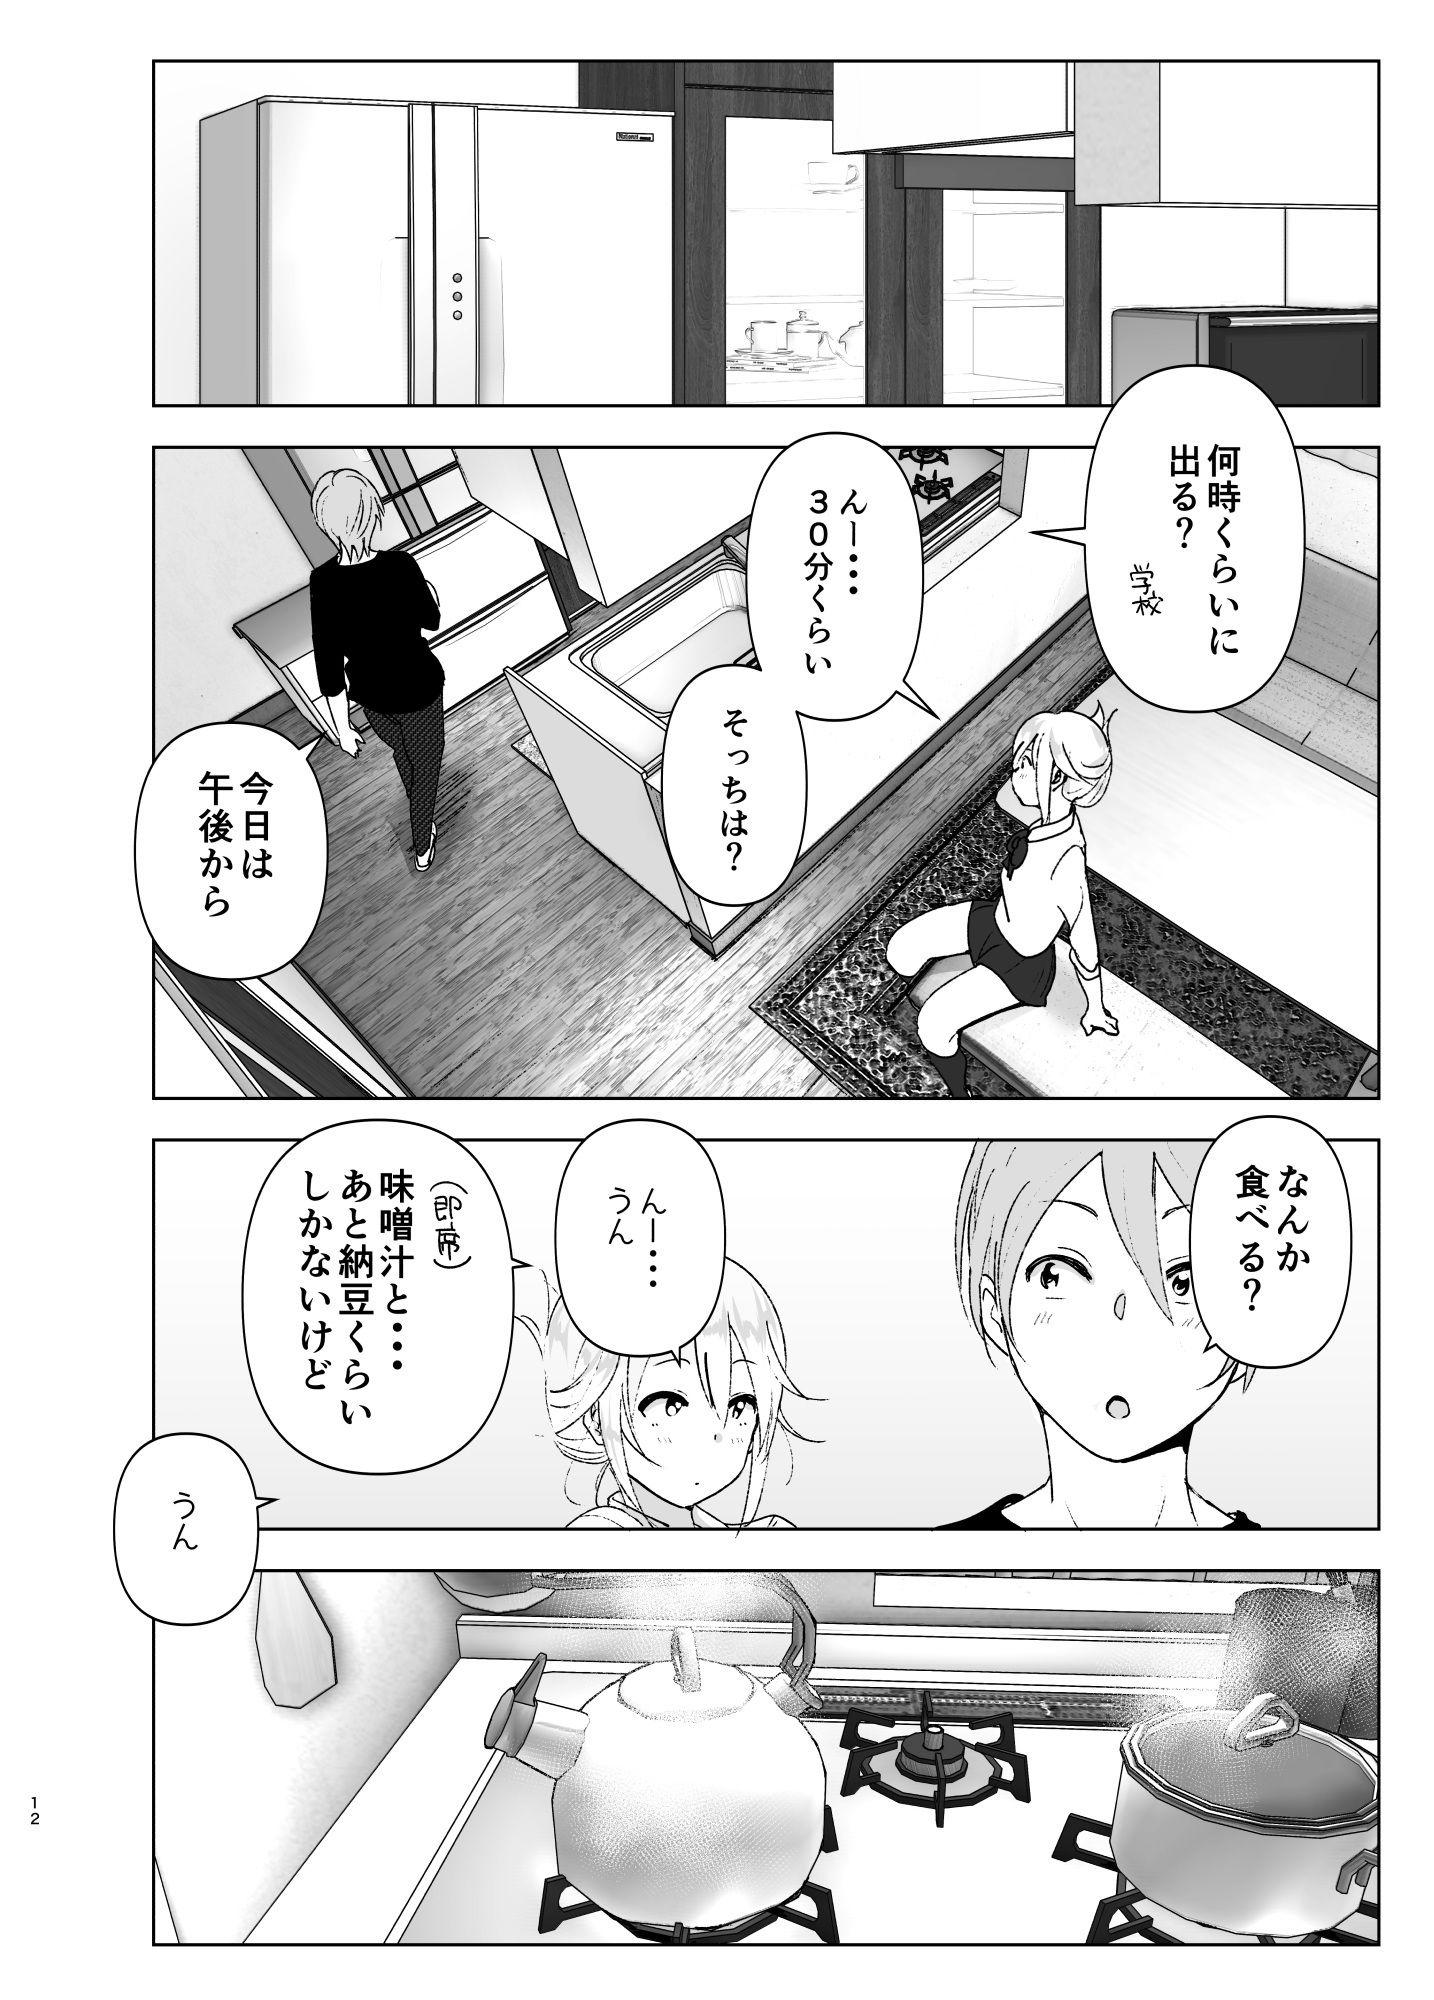 【エロ漫画無料大全集】心がホットするエロ漫画が発見されるwwwwwww【エロ漫画:昔は可愛かった2:すぺ】